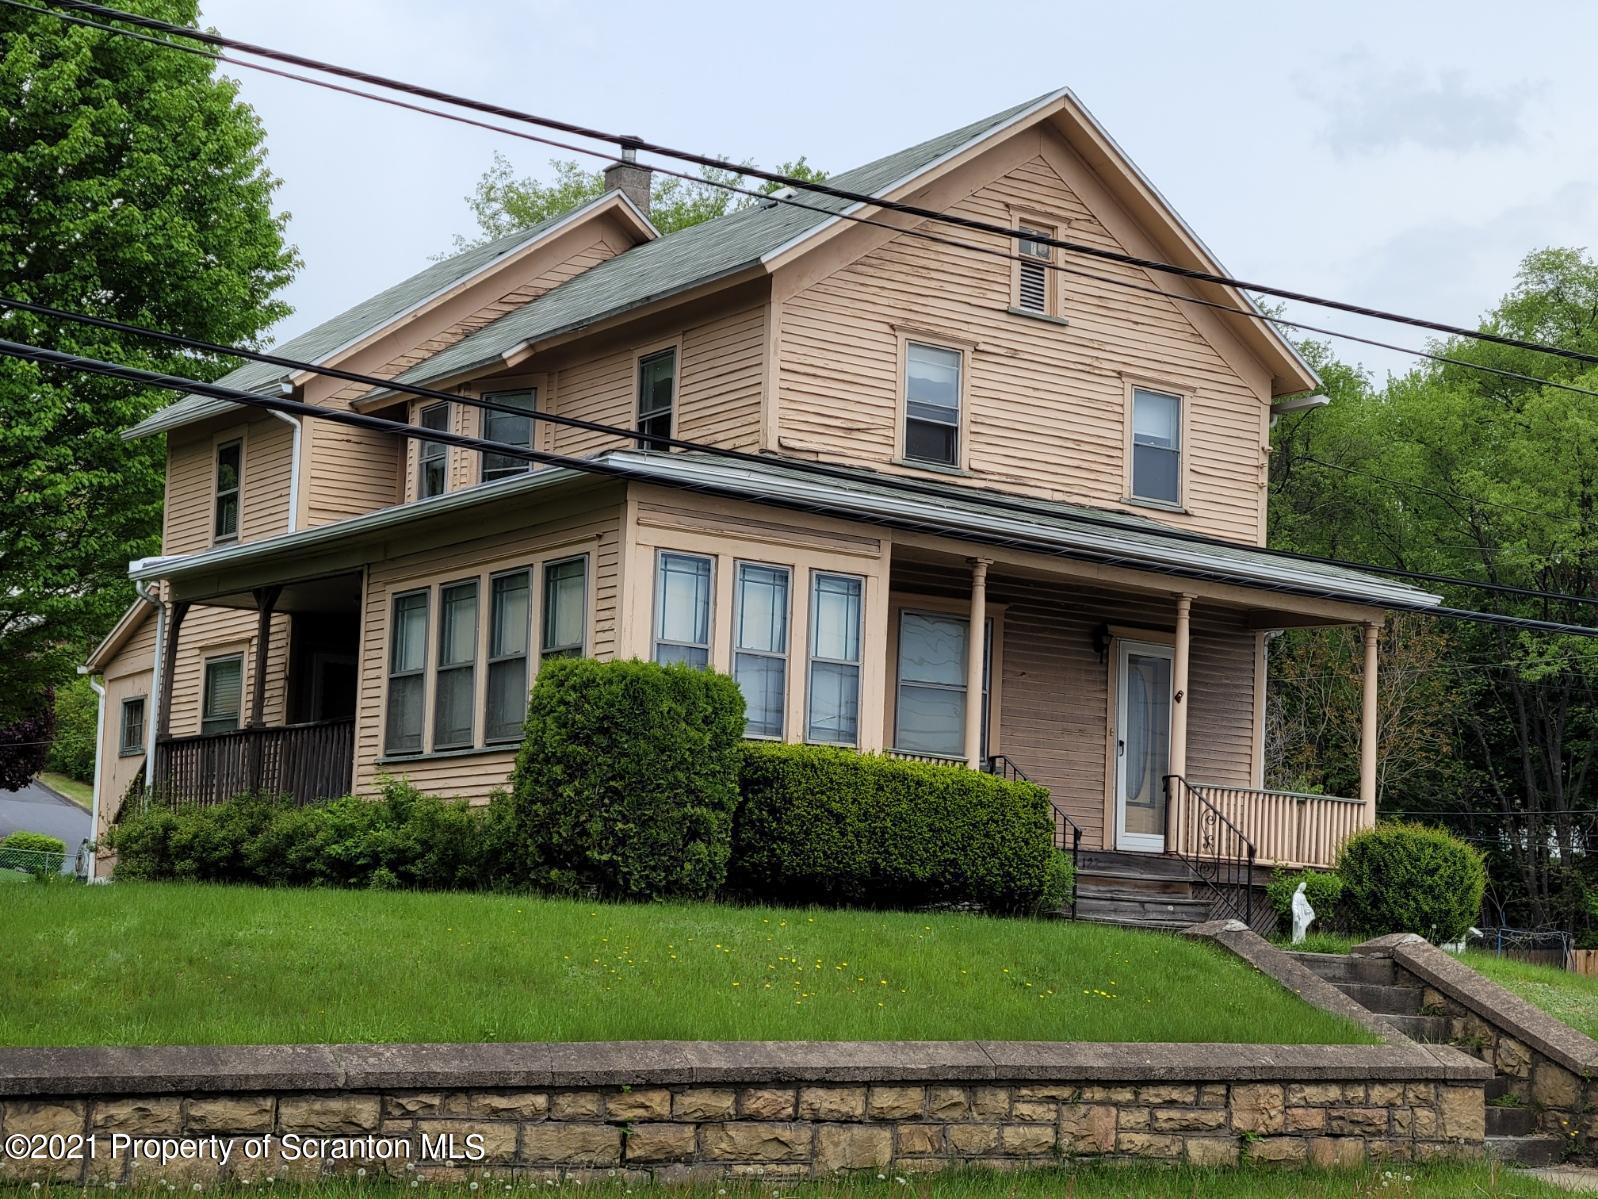 127 Keyser Ave, Scranton, Pennsylvania 18504, ,Multi-Family,For Sale,Keyser,21-2544